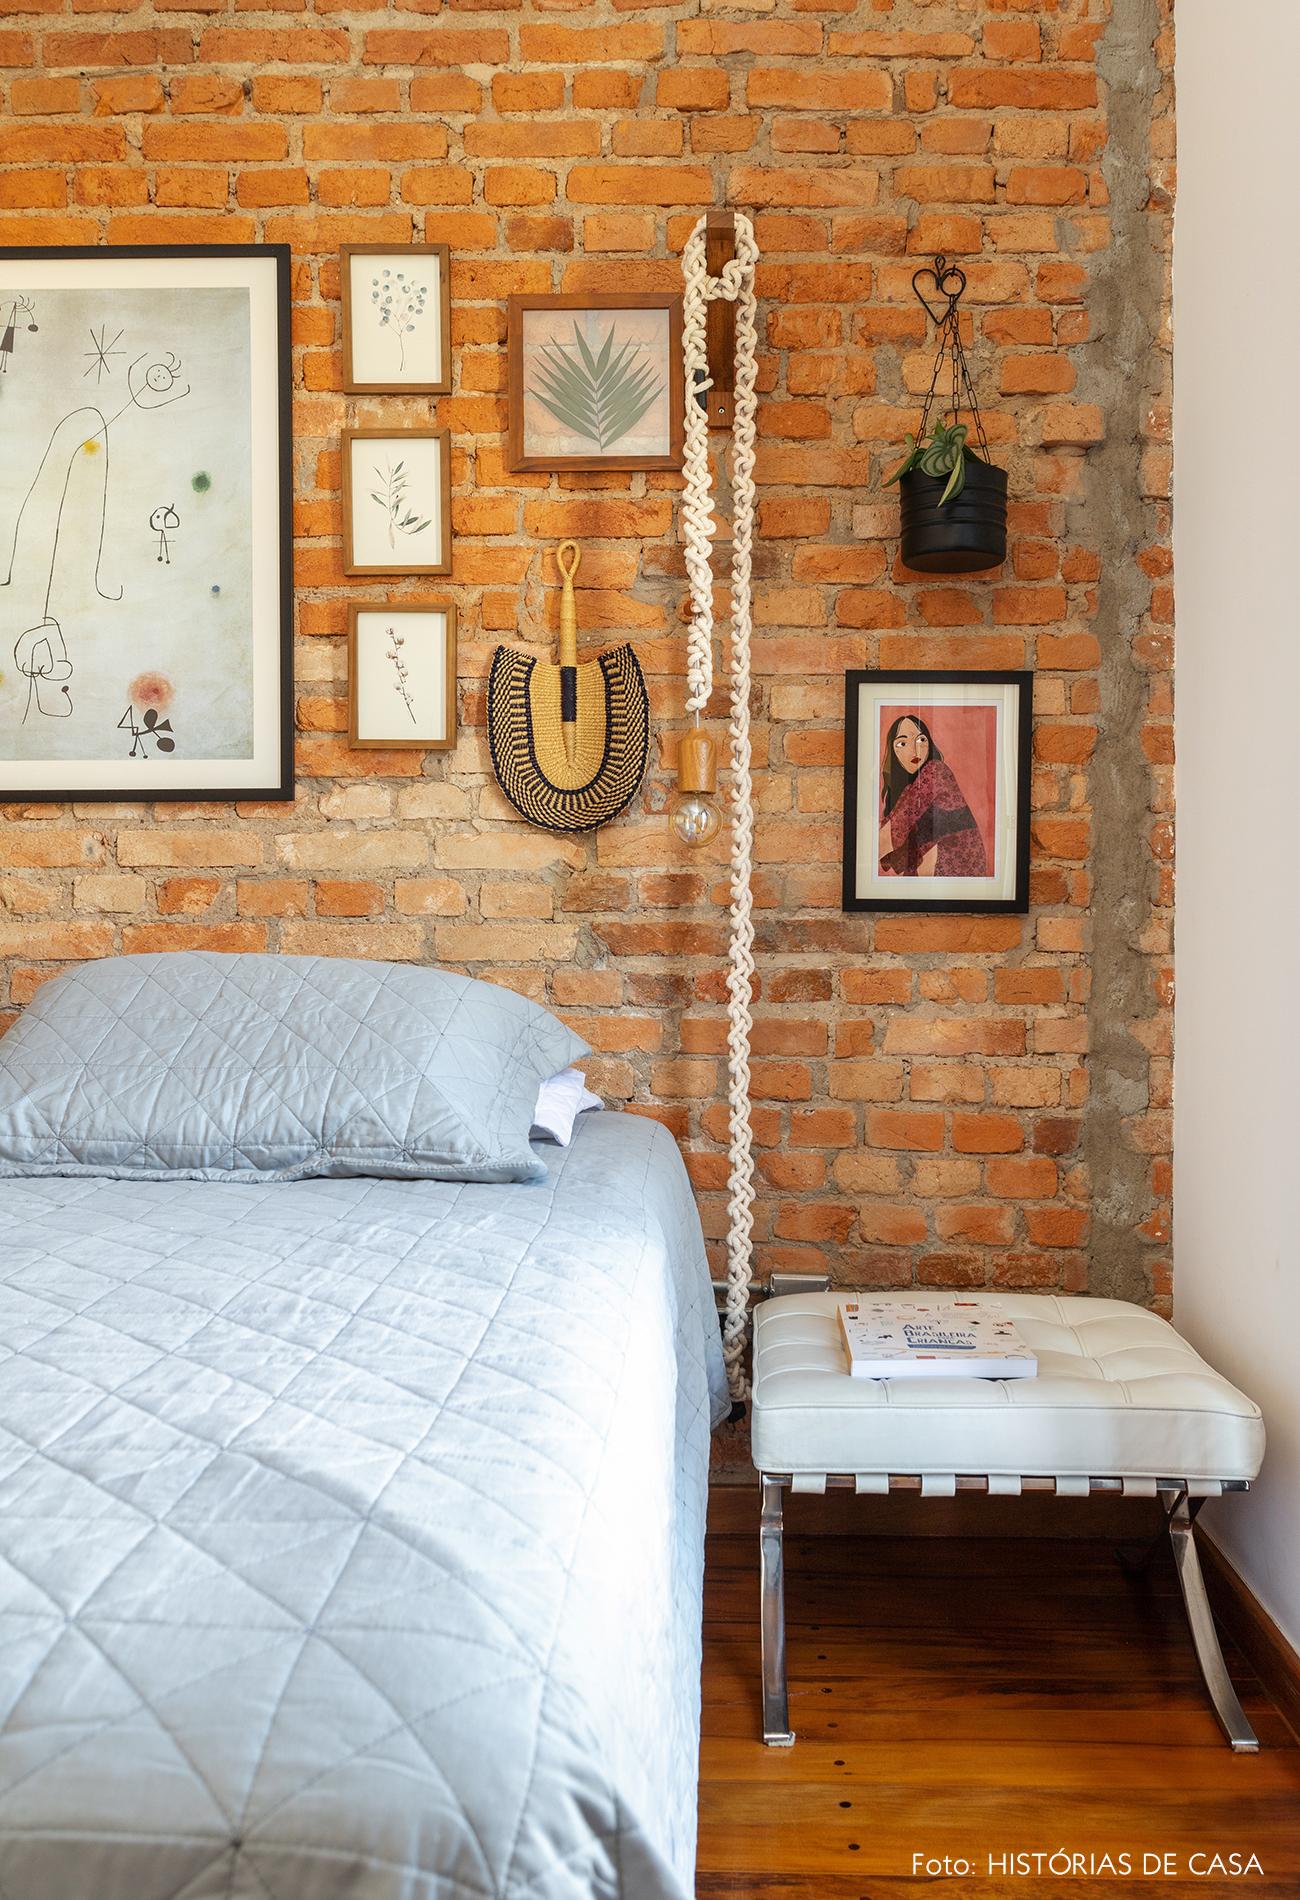 Quarto com parede de tijolinho e muitos quadros atrás da cama